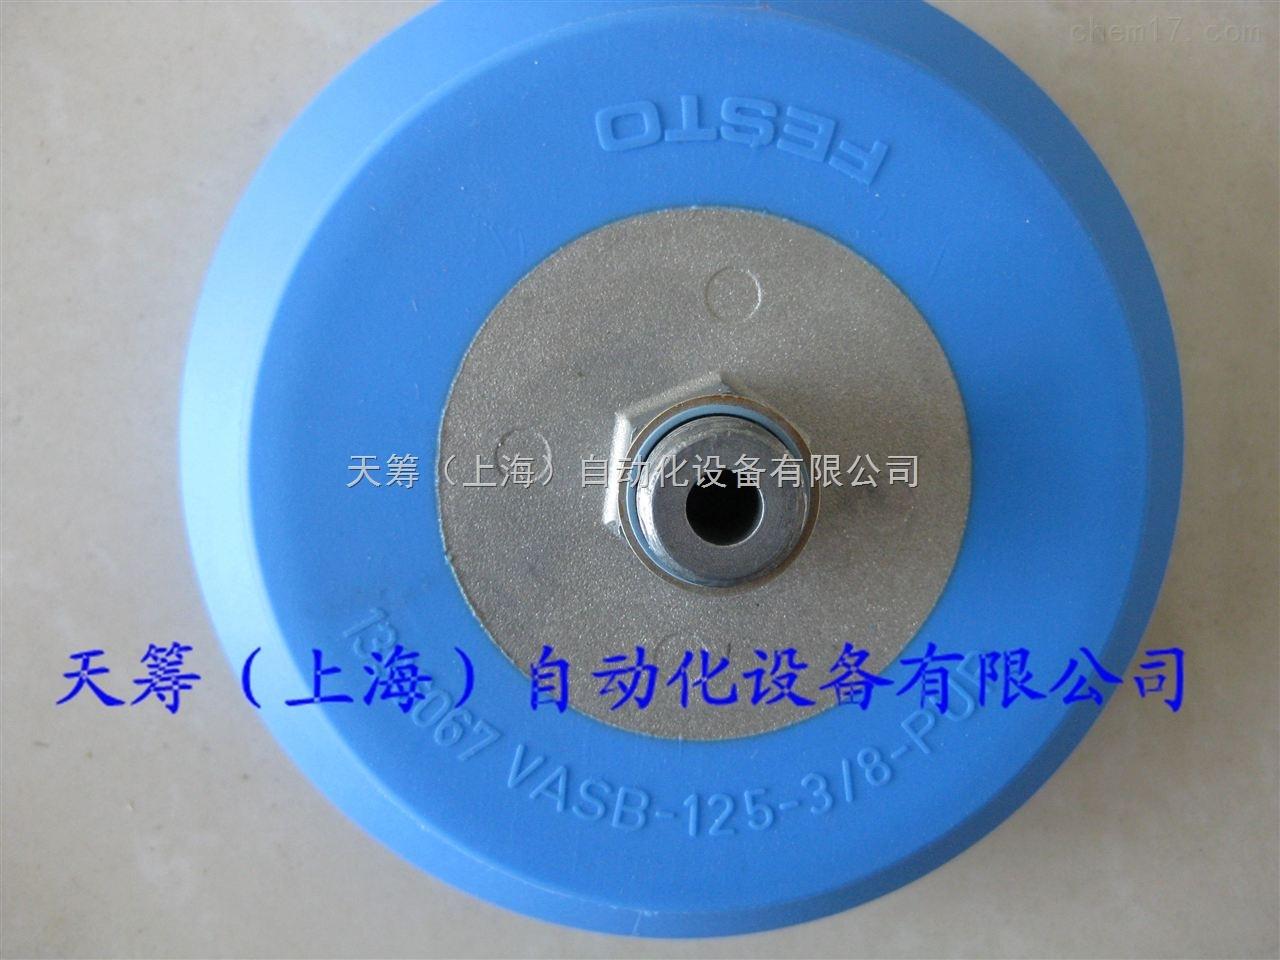 德国festo产品FESTO完整的吸盘组件VASB系列VASB-125-3/8-PUR-B